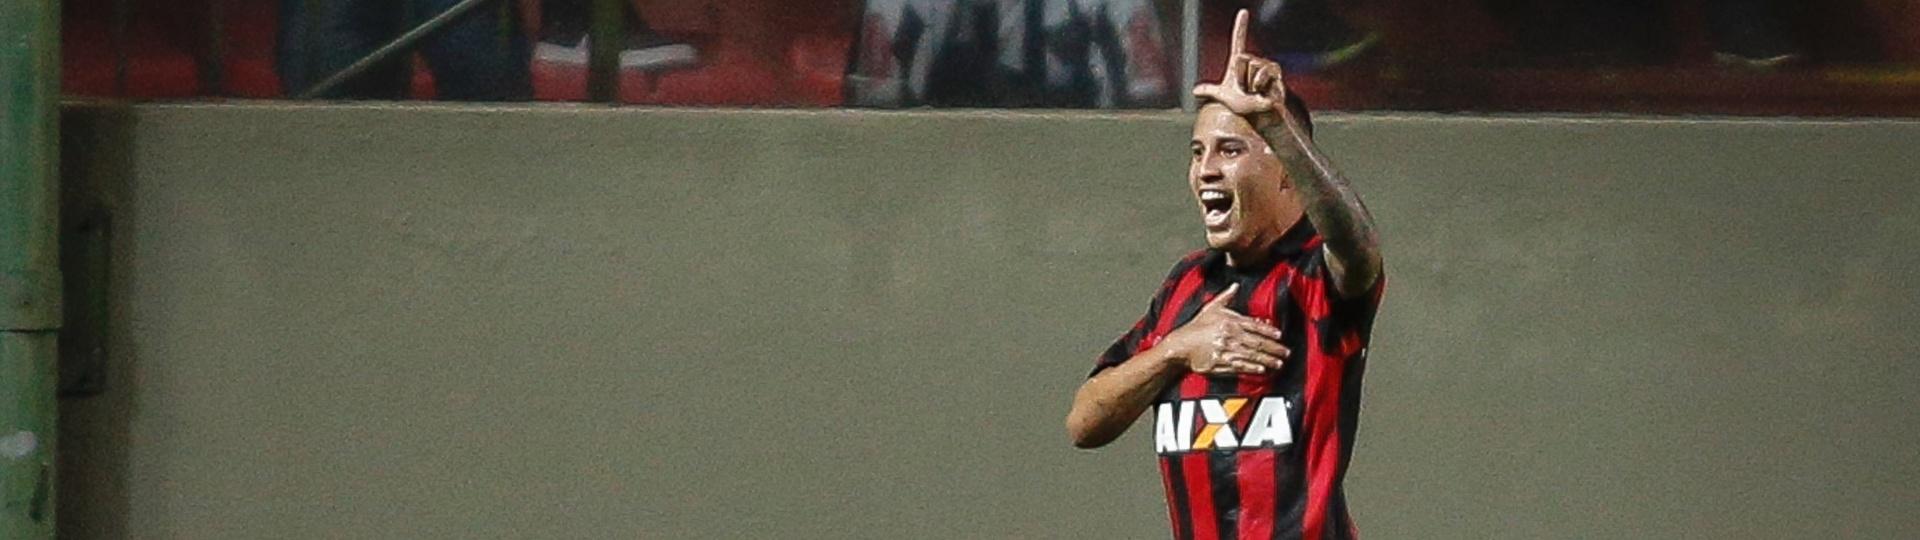 Sidcley comemora gol marcado para o Atlético-PR